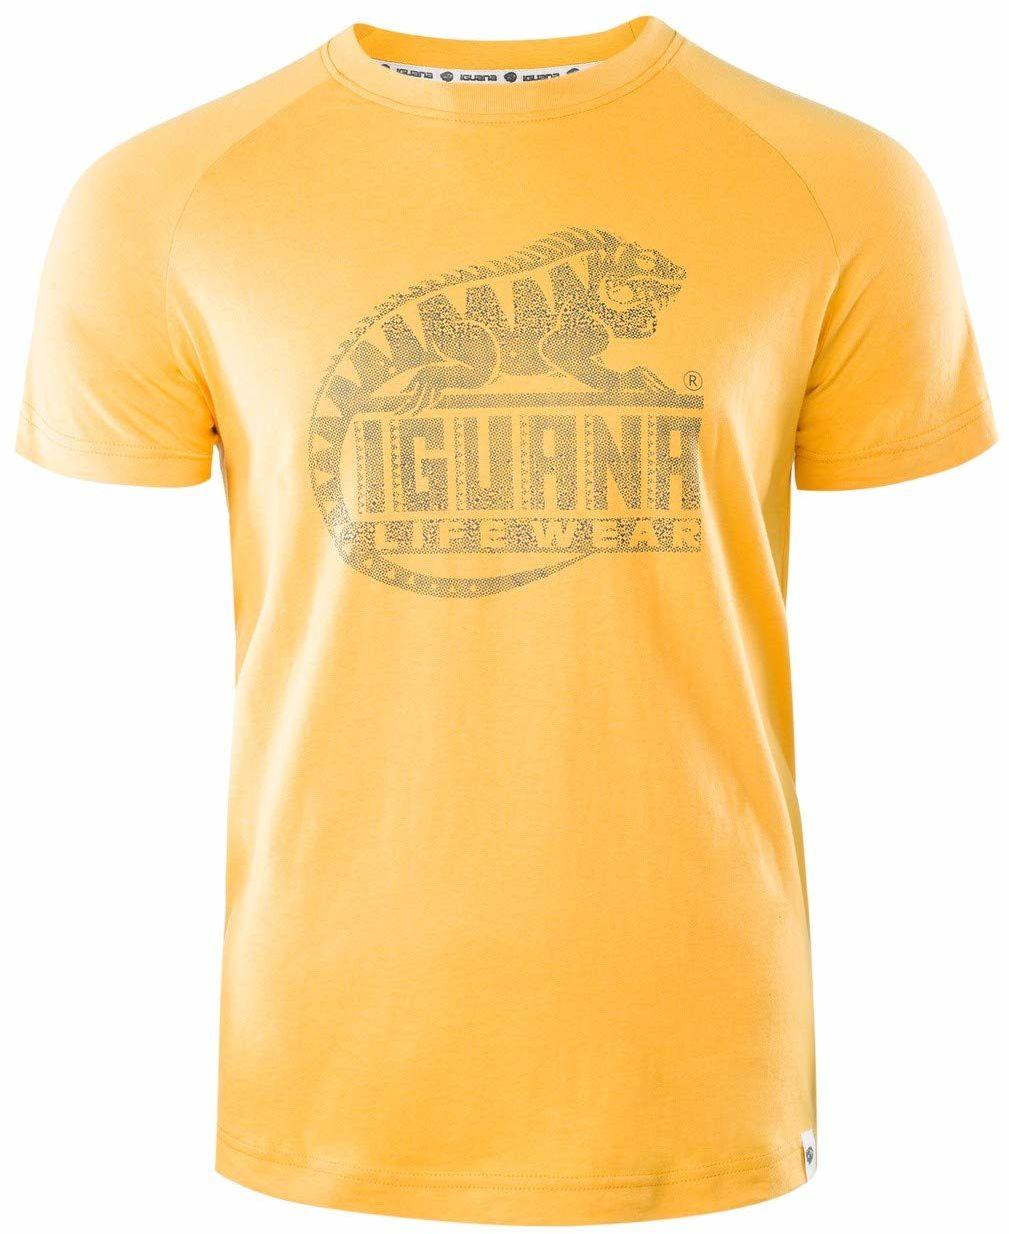 Iguana męski T-shirt Lanre żółty Beeswax/Logo Triangle Print S